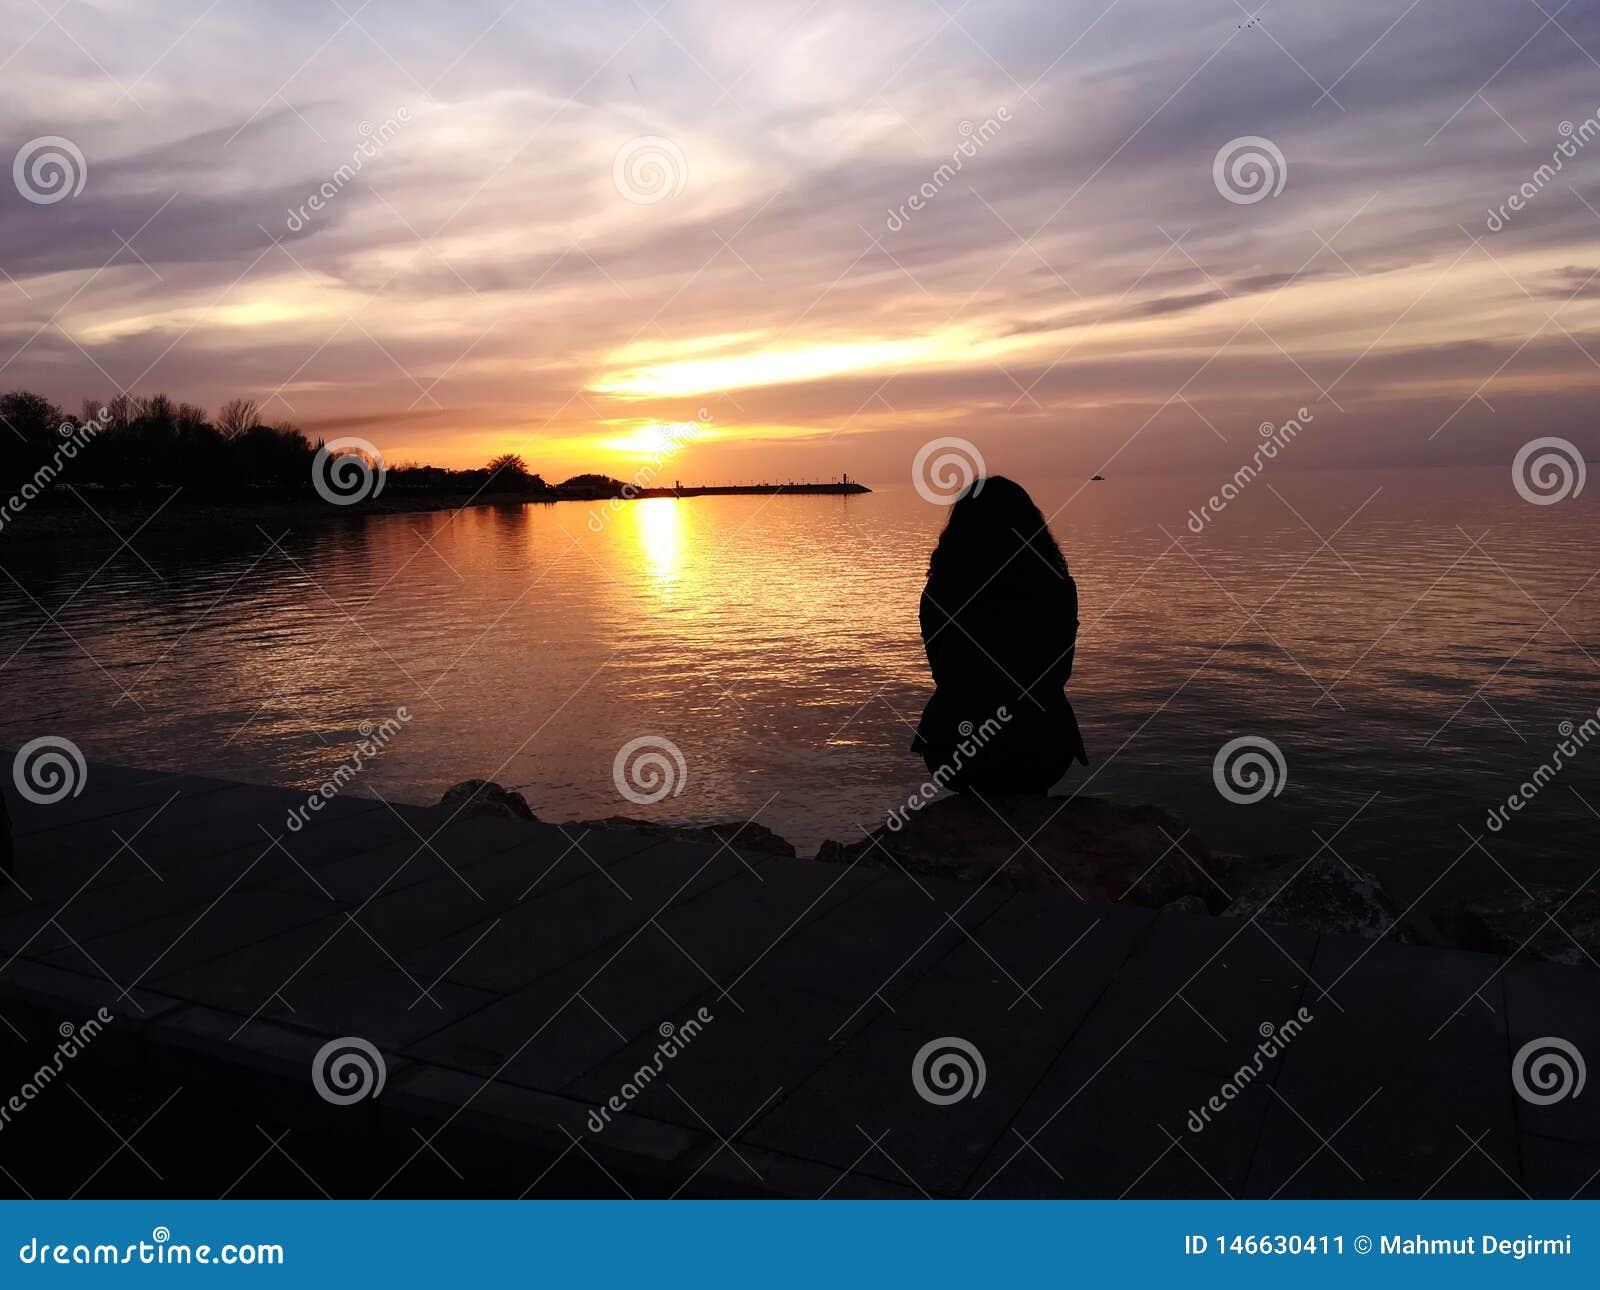 Soledad y puesta del sol